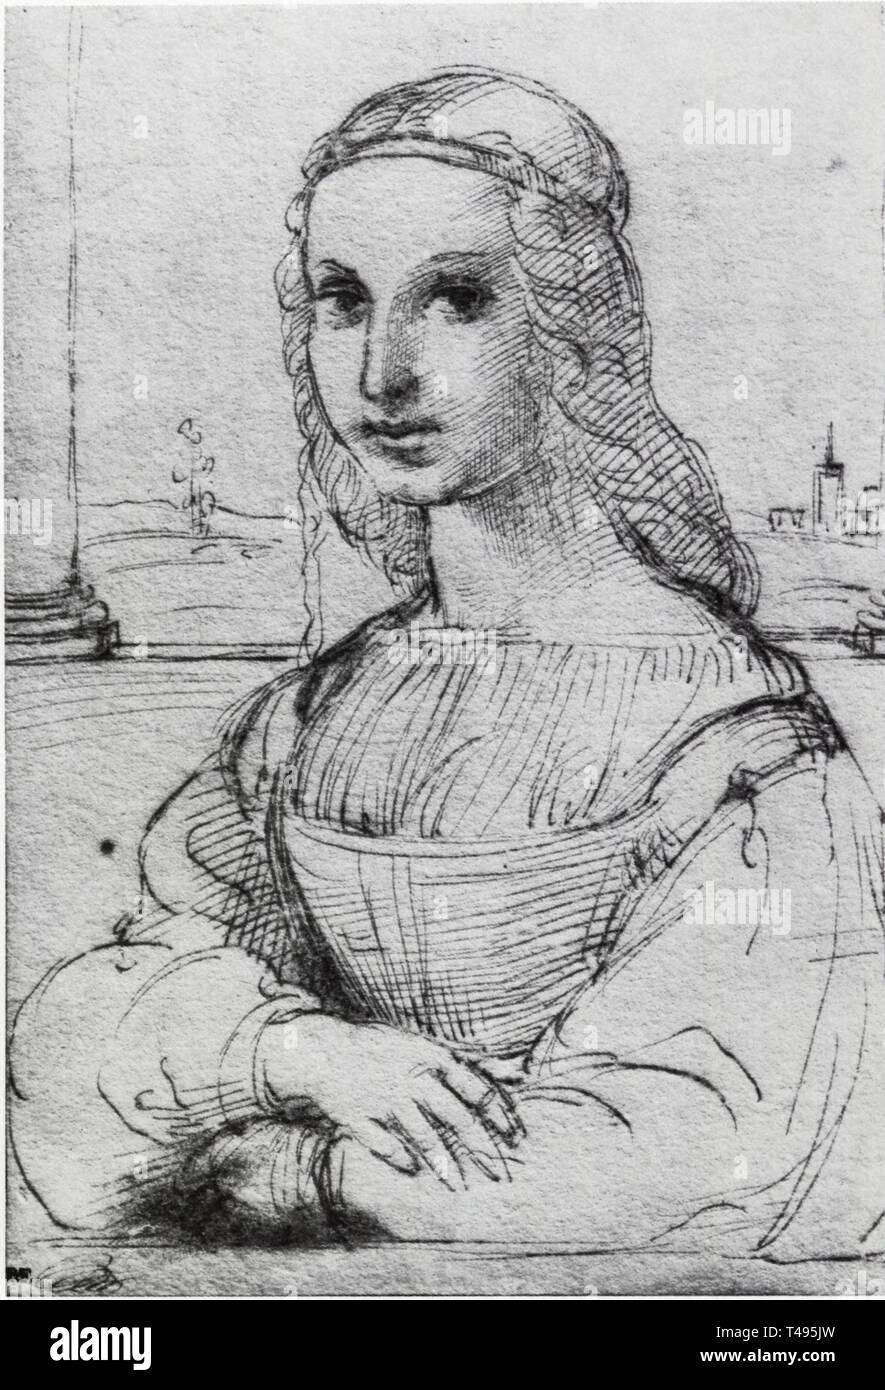 .RAPHAEL.ETUDE POUR LE PORTRAIT DE MADDALENA DONI.DESSIN.1505-1506 Banque D'Images